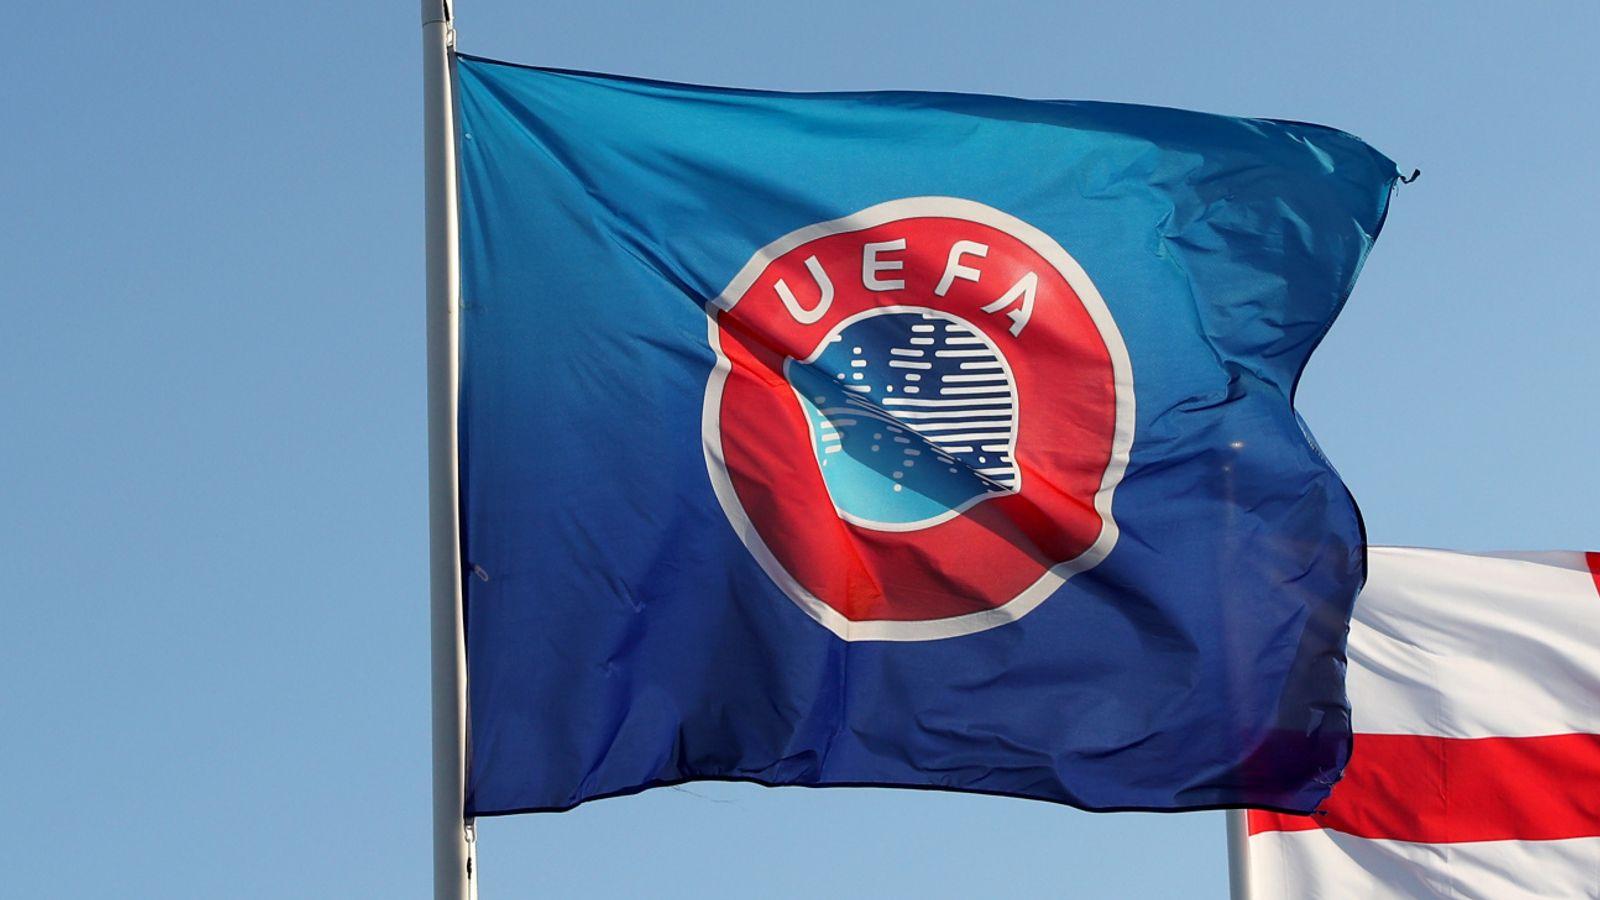 De Bruyne, Jorginho & Kante nominated for UEFA Player of the Year award